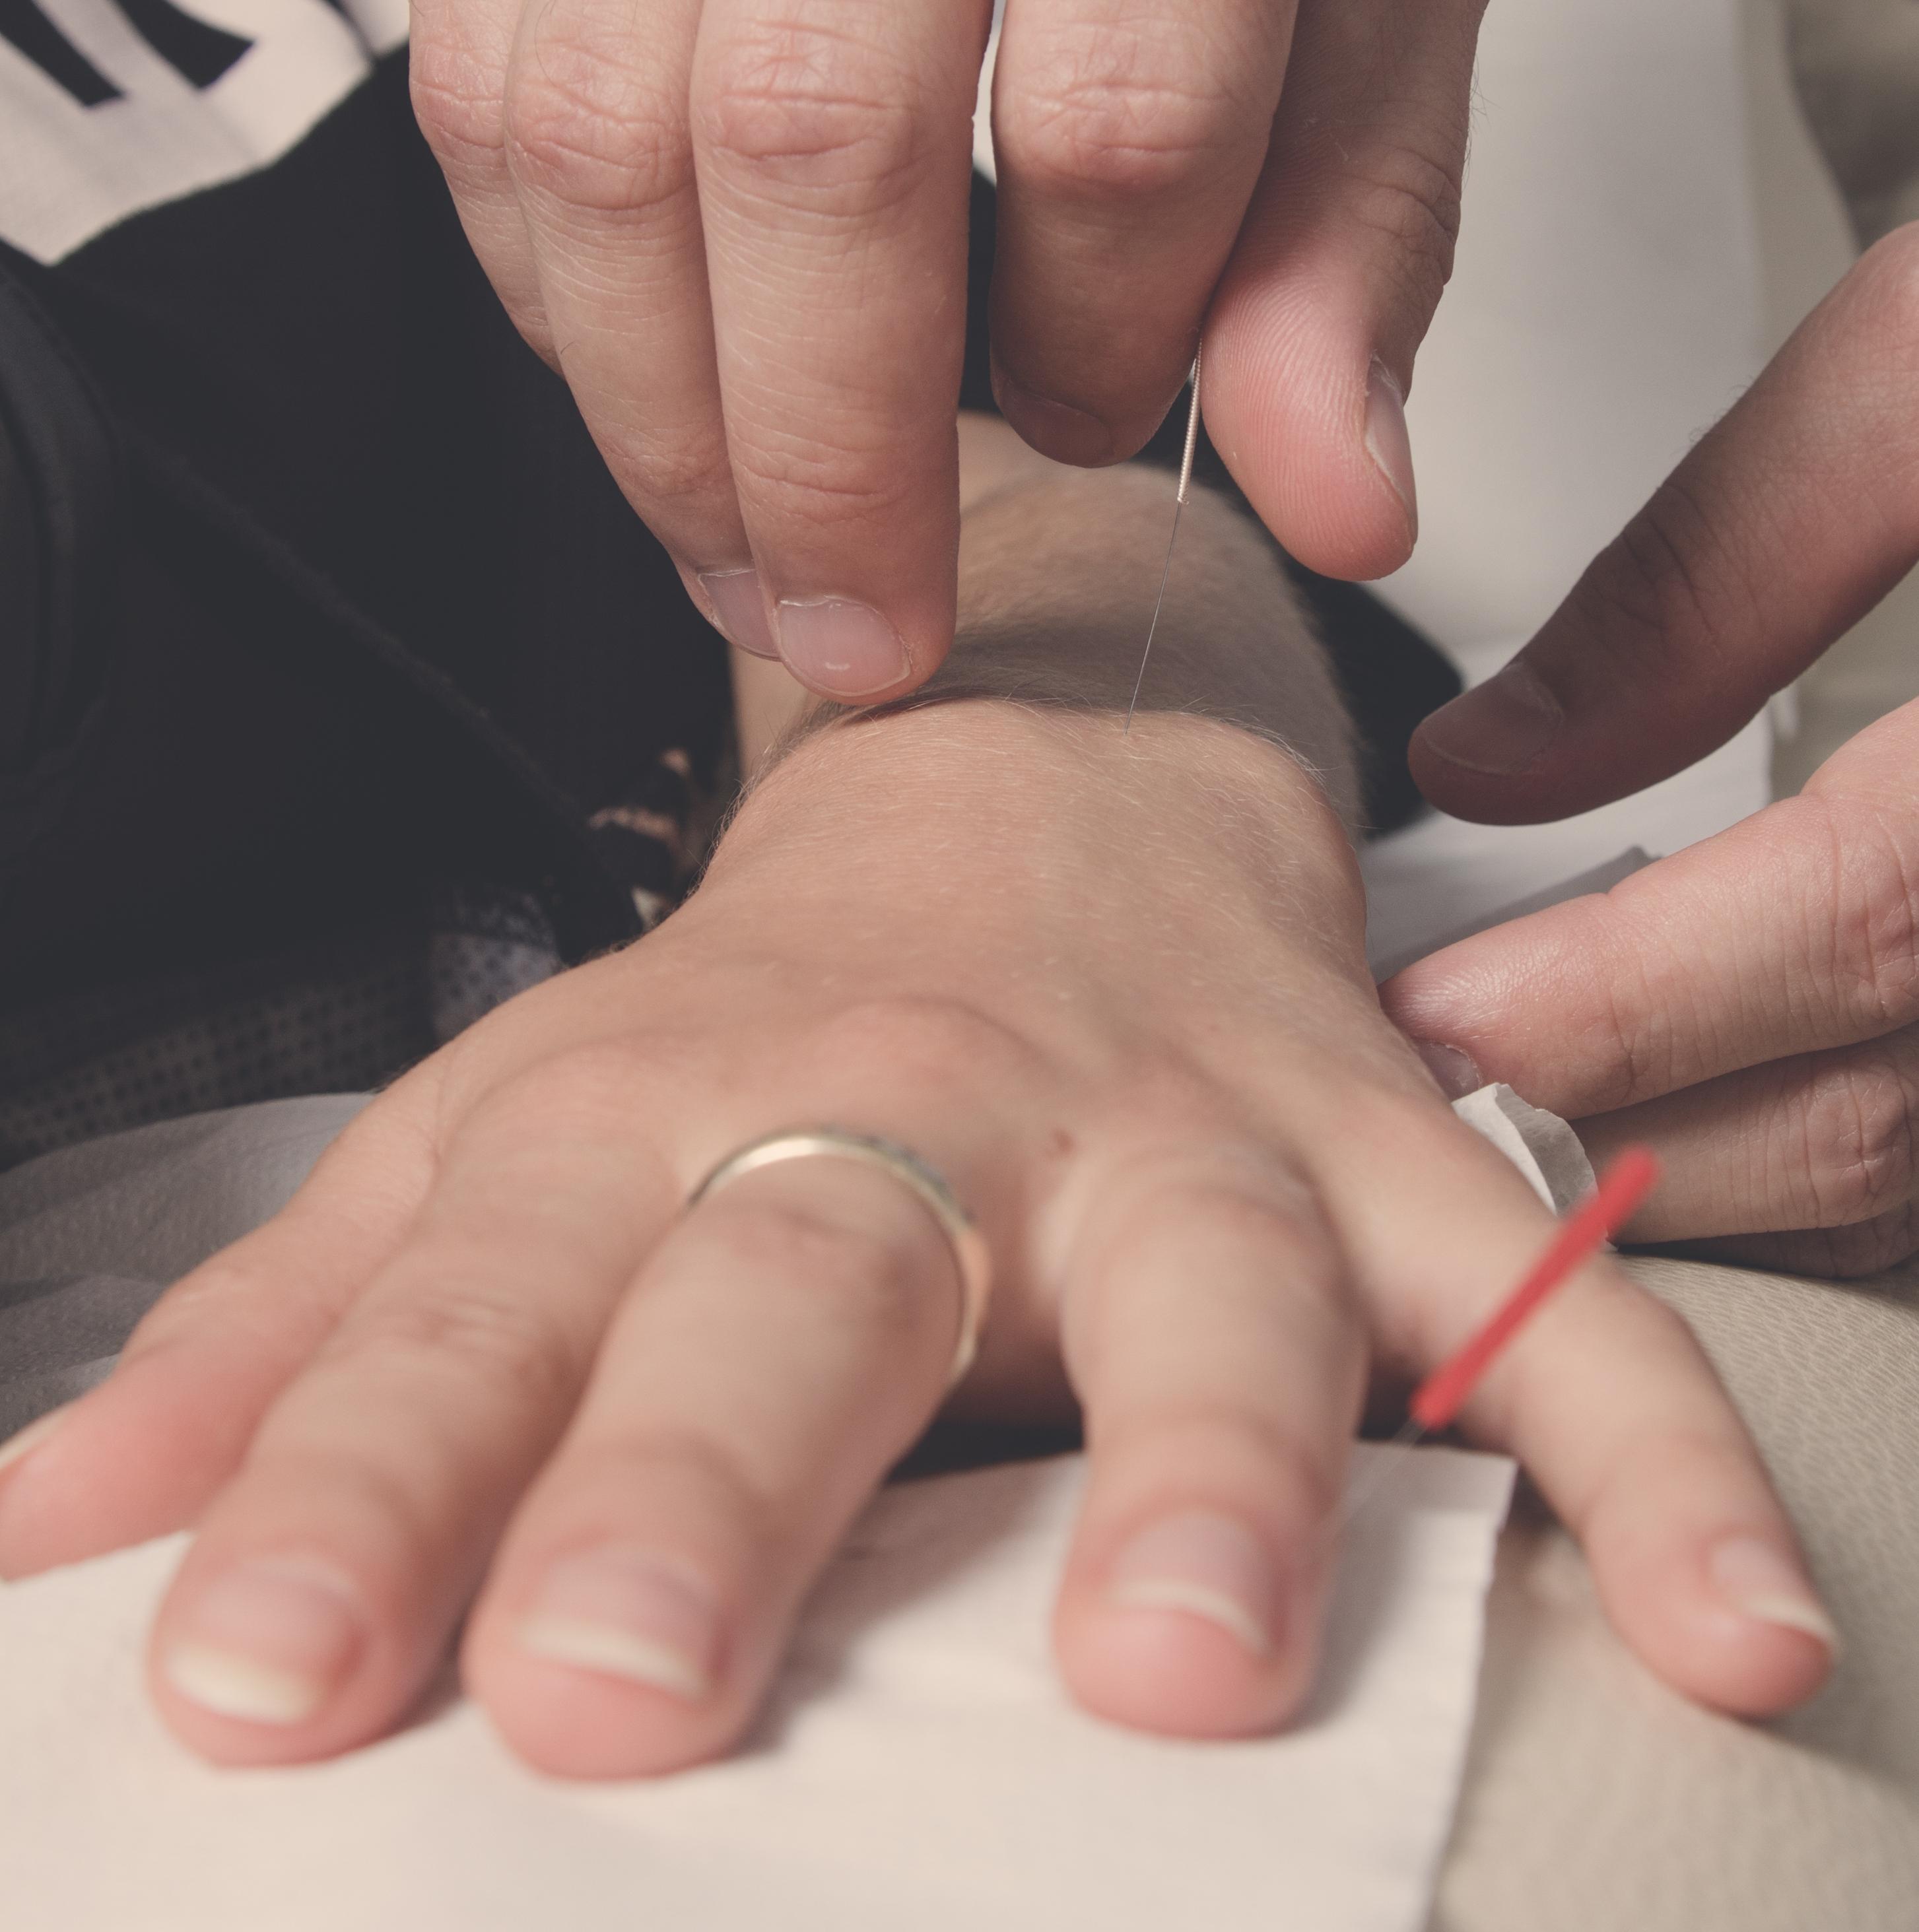 Wskazania do leczenia akupunkturą